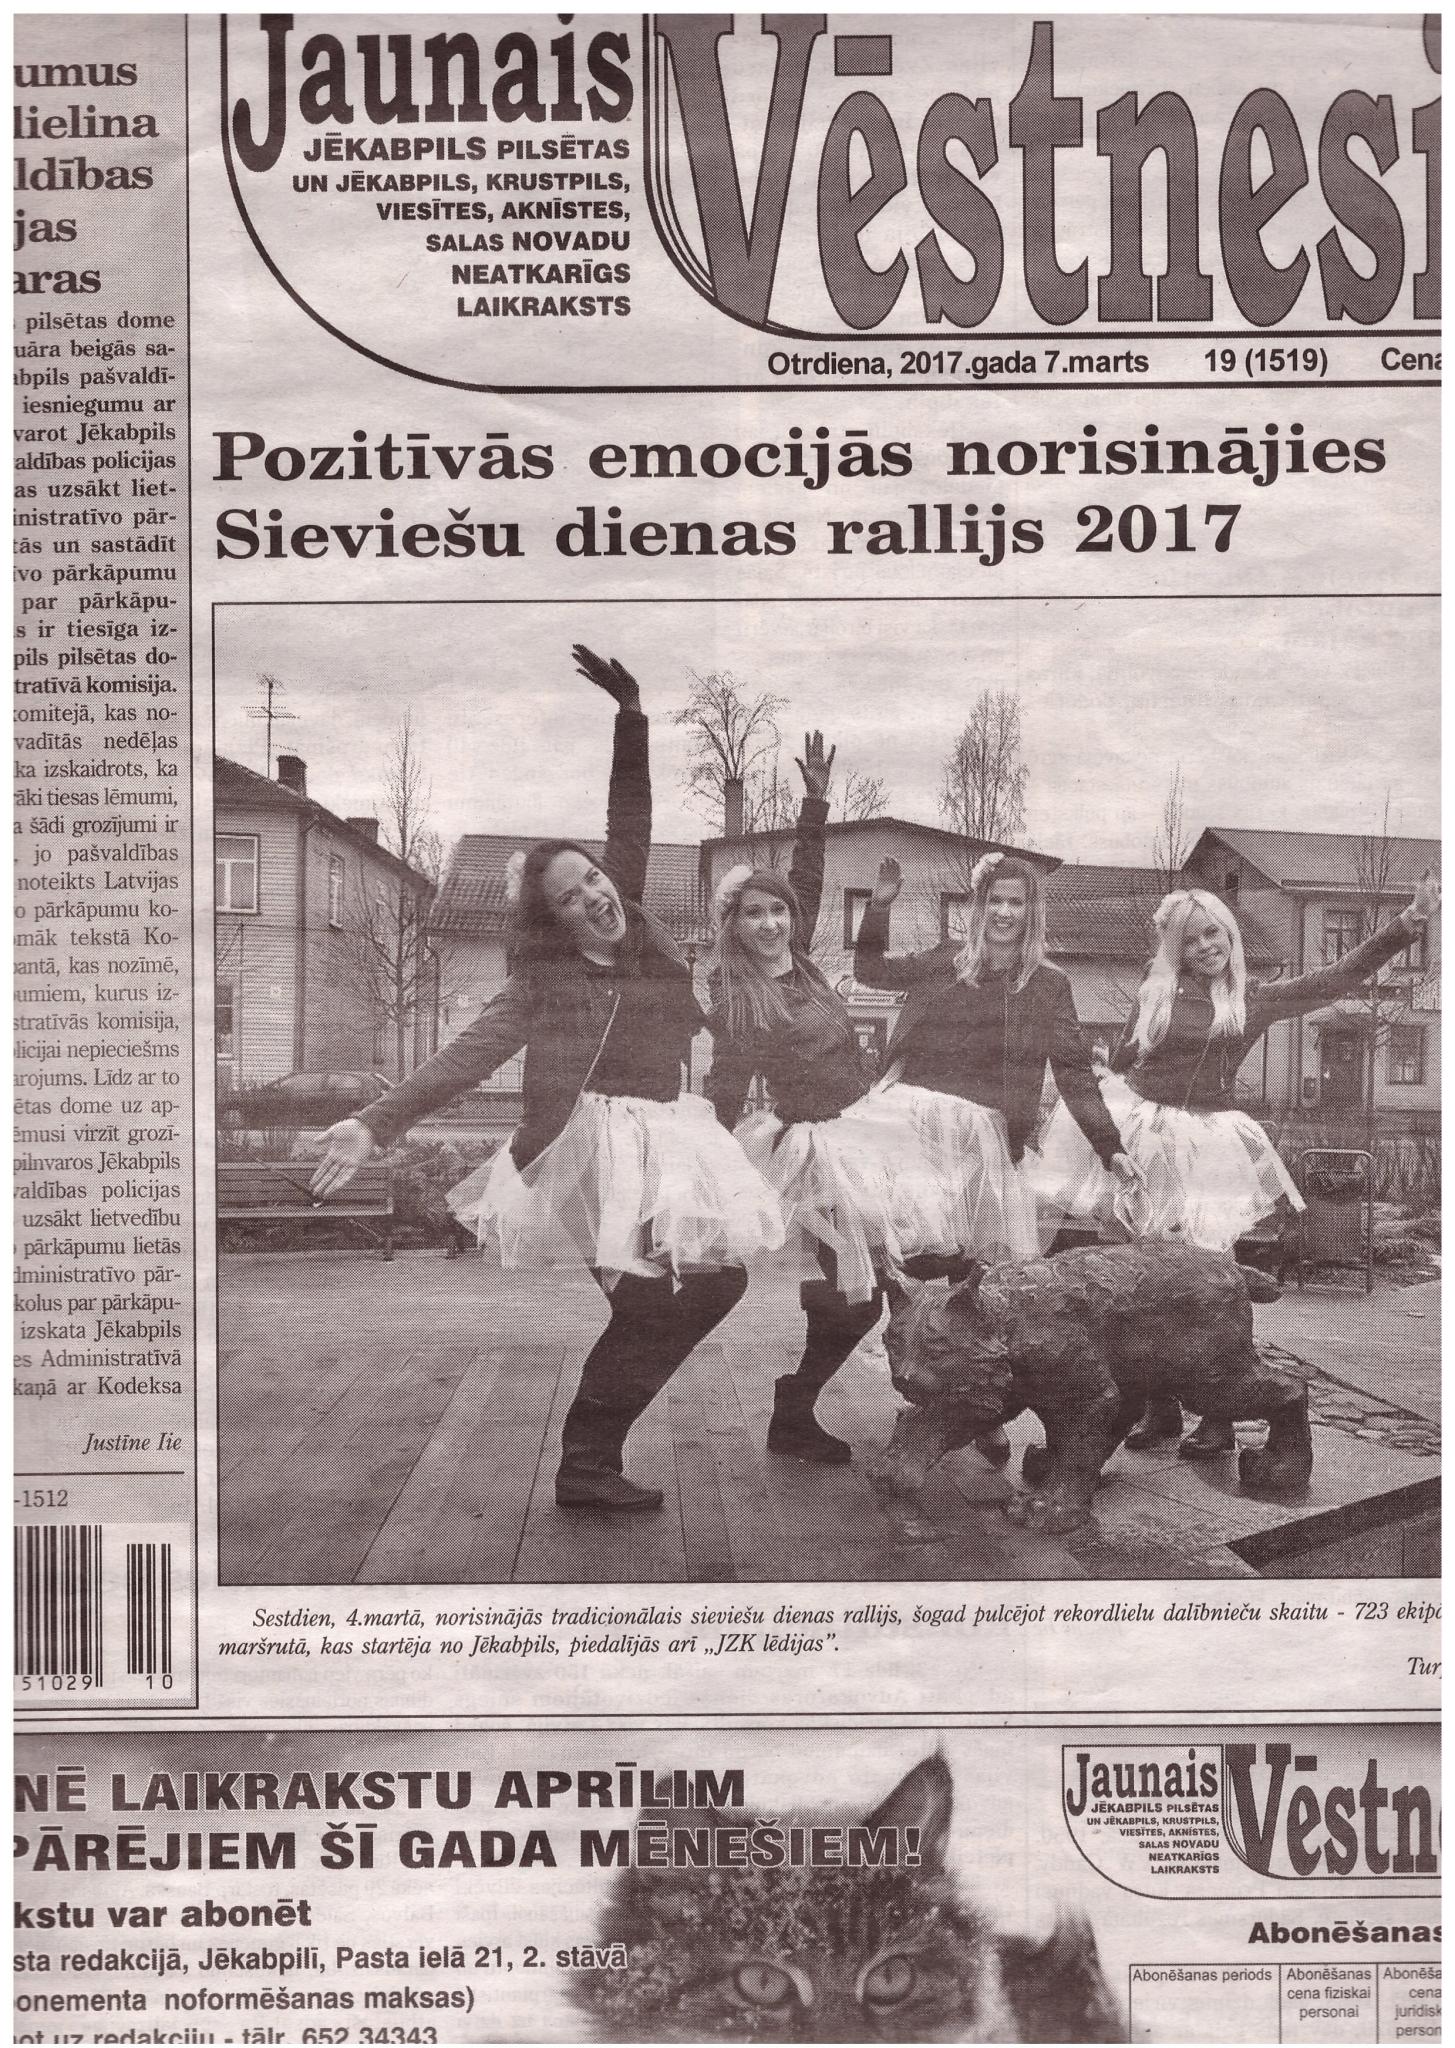 2017.gada 7.marta laikraksts